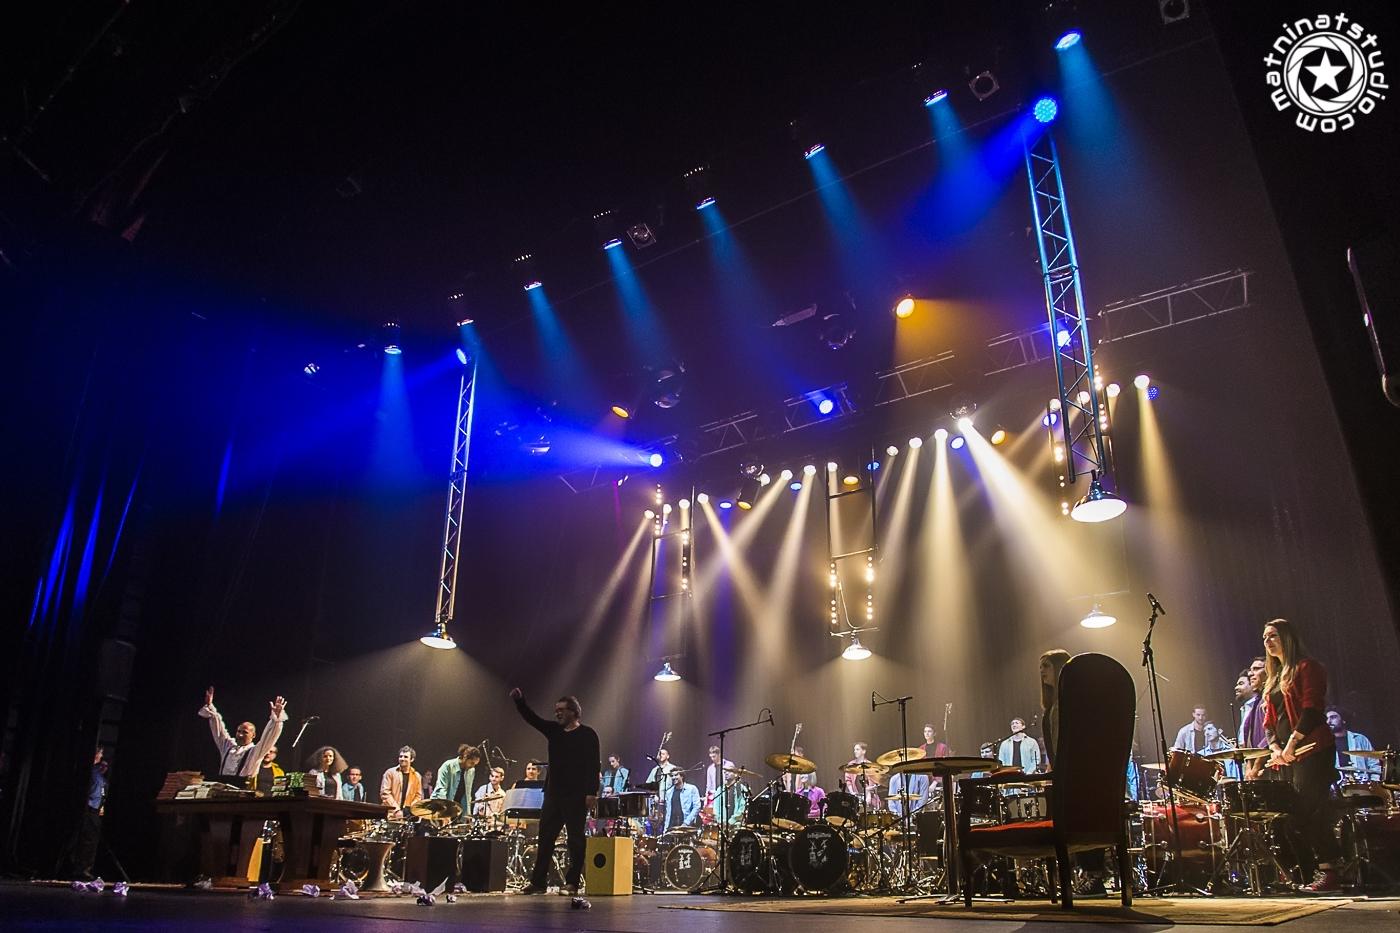 Ali Baba et les 40 batteurs live au Casino de Paris le 22 mars 2016. © MAT NINAT STUDIO - photographe, réalisateur, musicien